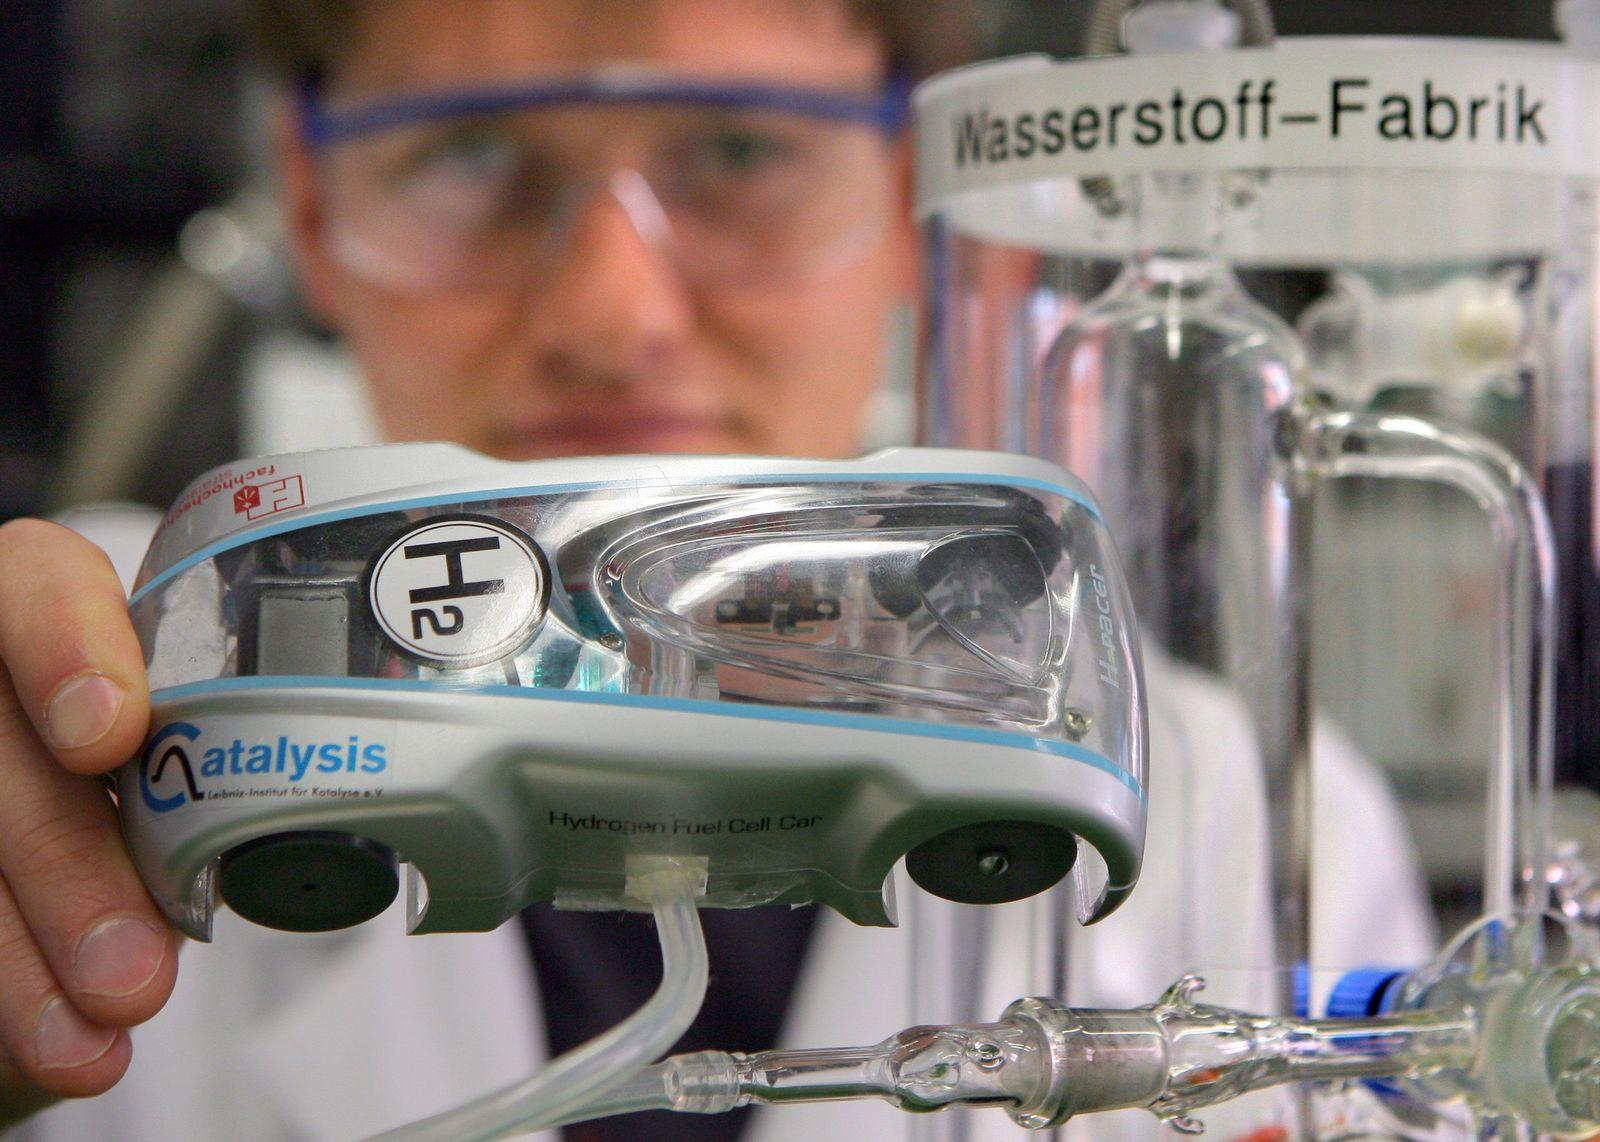 Demonstrationsmodell eines Wasserstoff-Autos